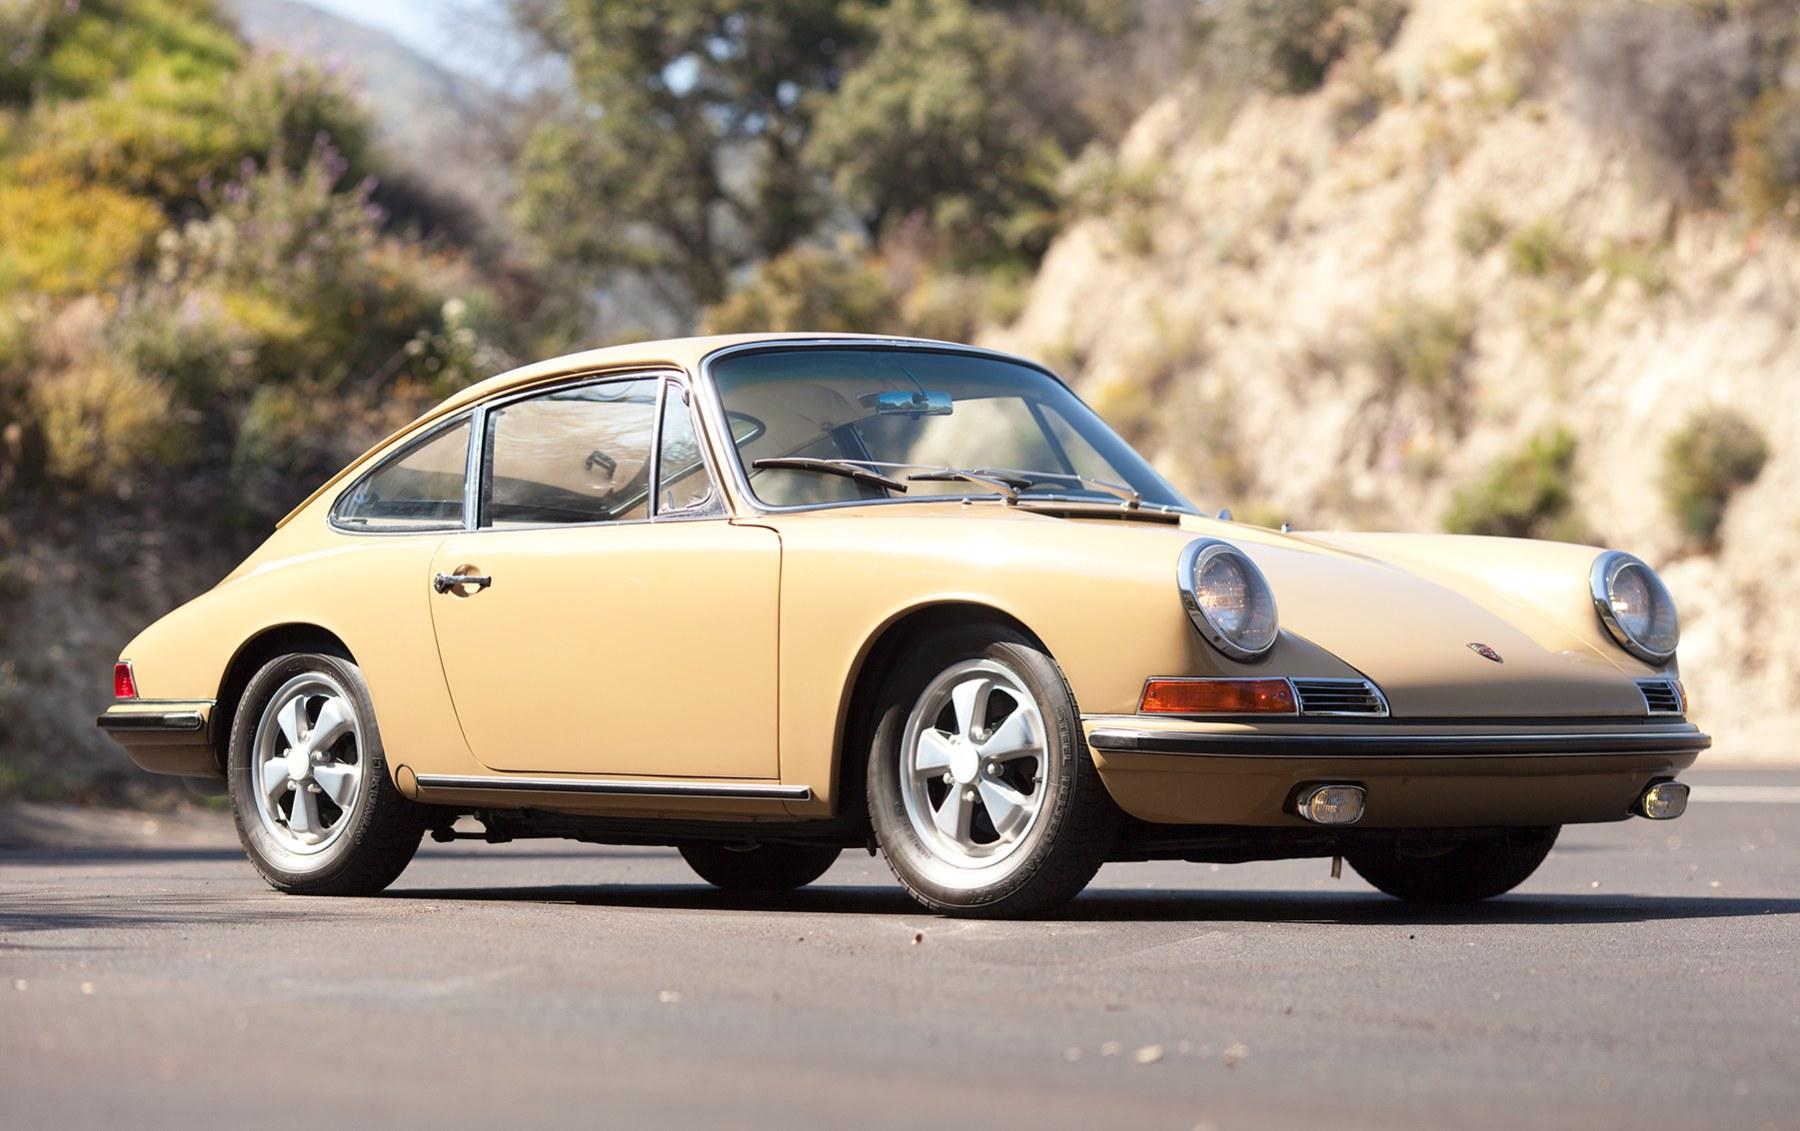 1967 Porsche 911 S Coupe